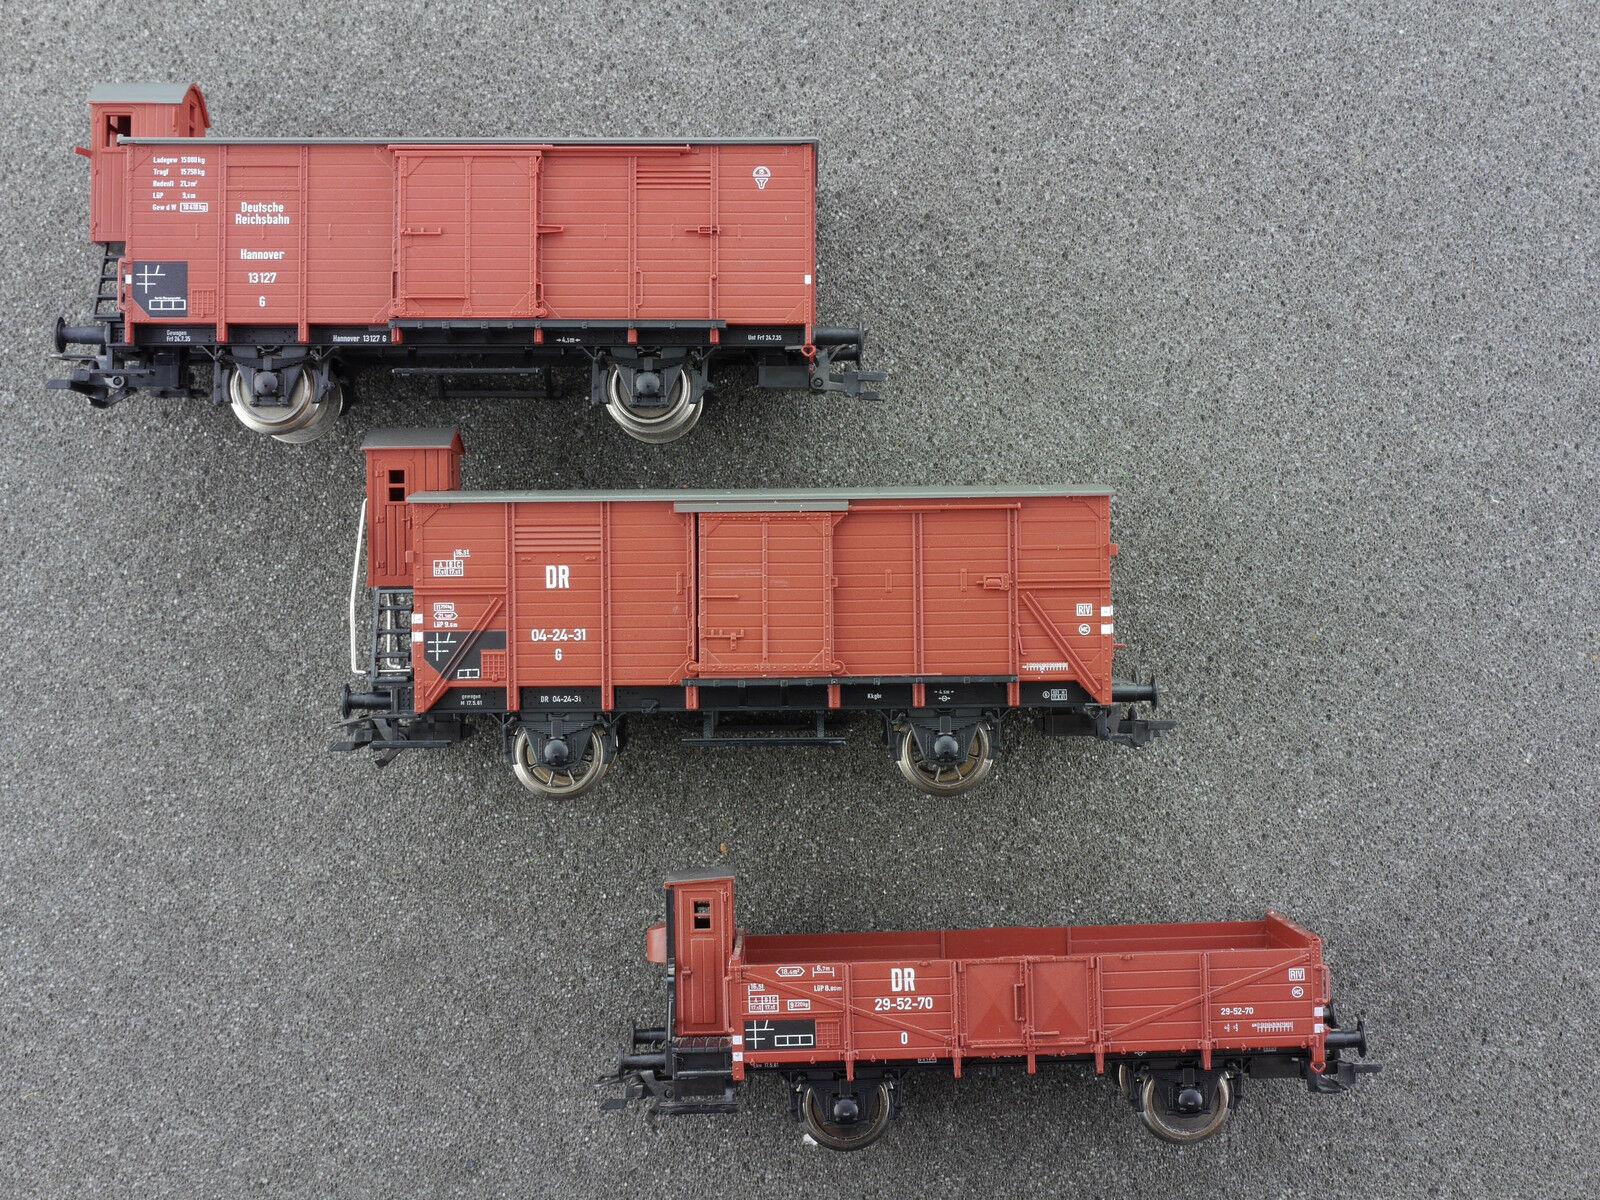 Fleischmann 3x carro merci bh5709 5366 5367 K DRG Reich ferroviario 1602-26-26